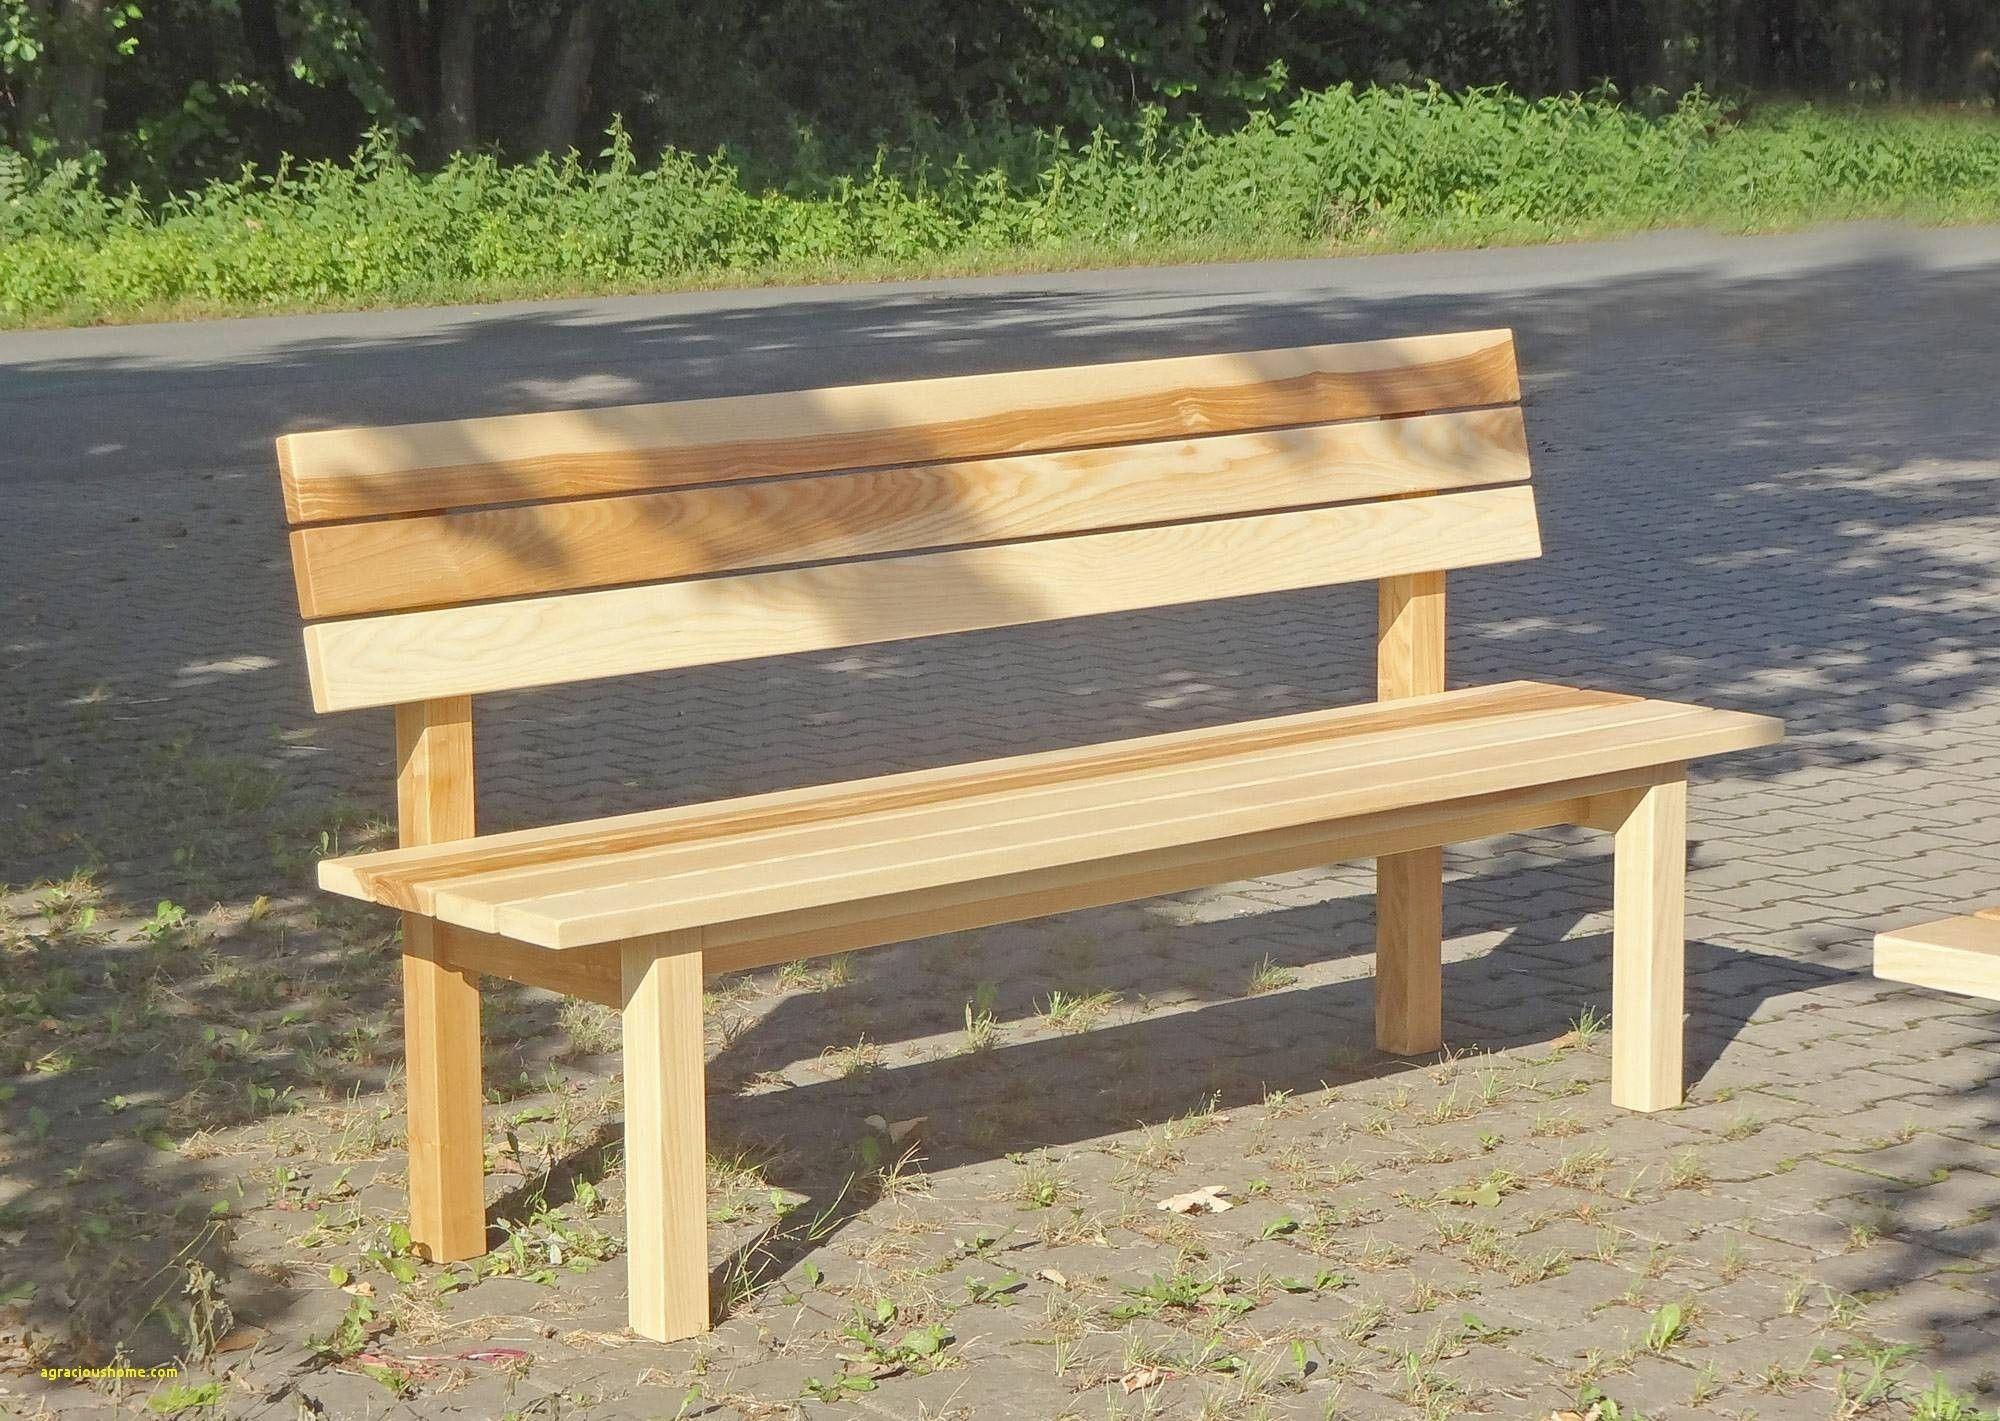 Holzbank Selber Machen Holzbank Bauanleitung Pdf Holzbank Garten Diy Gartenmobel Gartenbank Selber Bauen